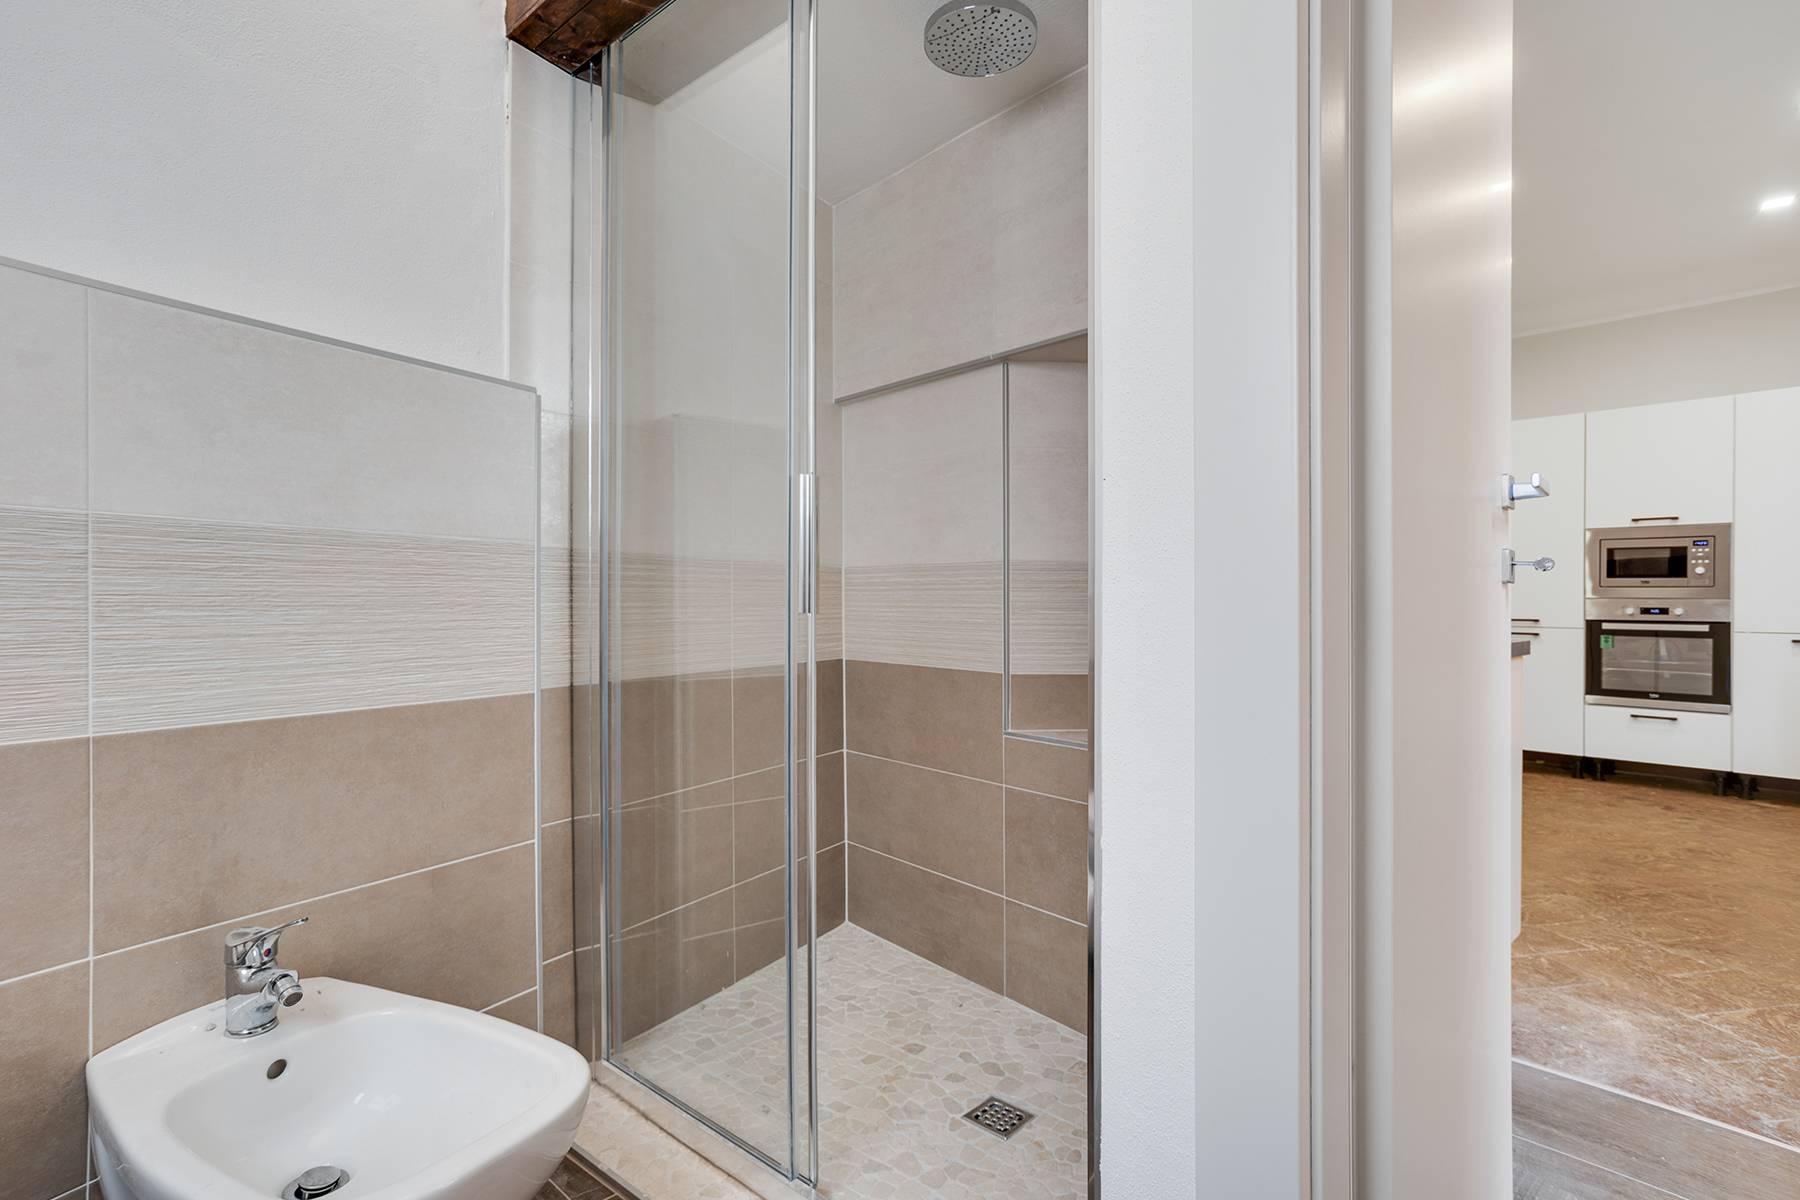 Appartamento in Affitto a Arona: 4 locali, 114 mq - Foto 22